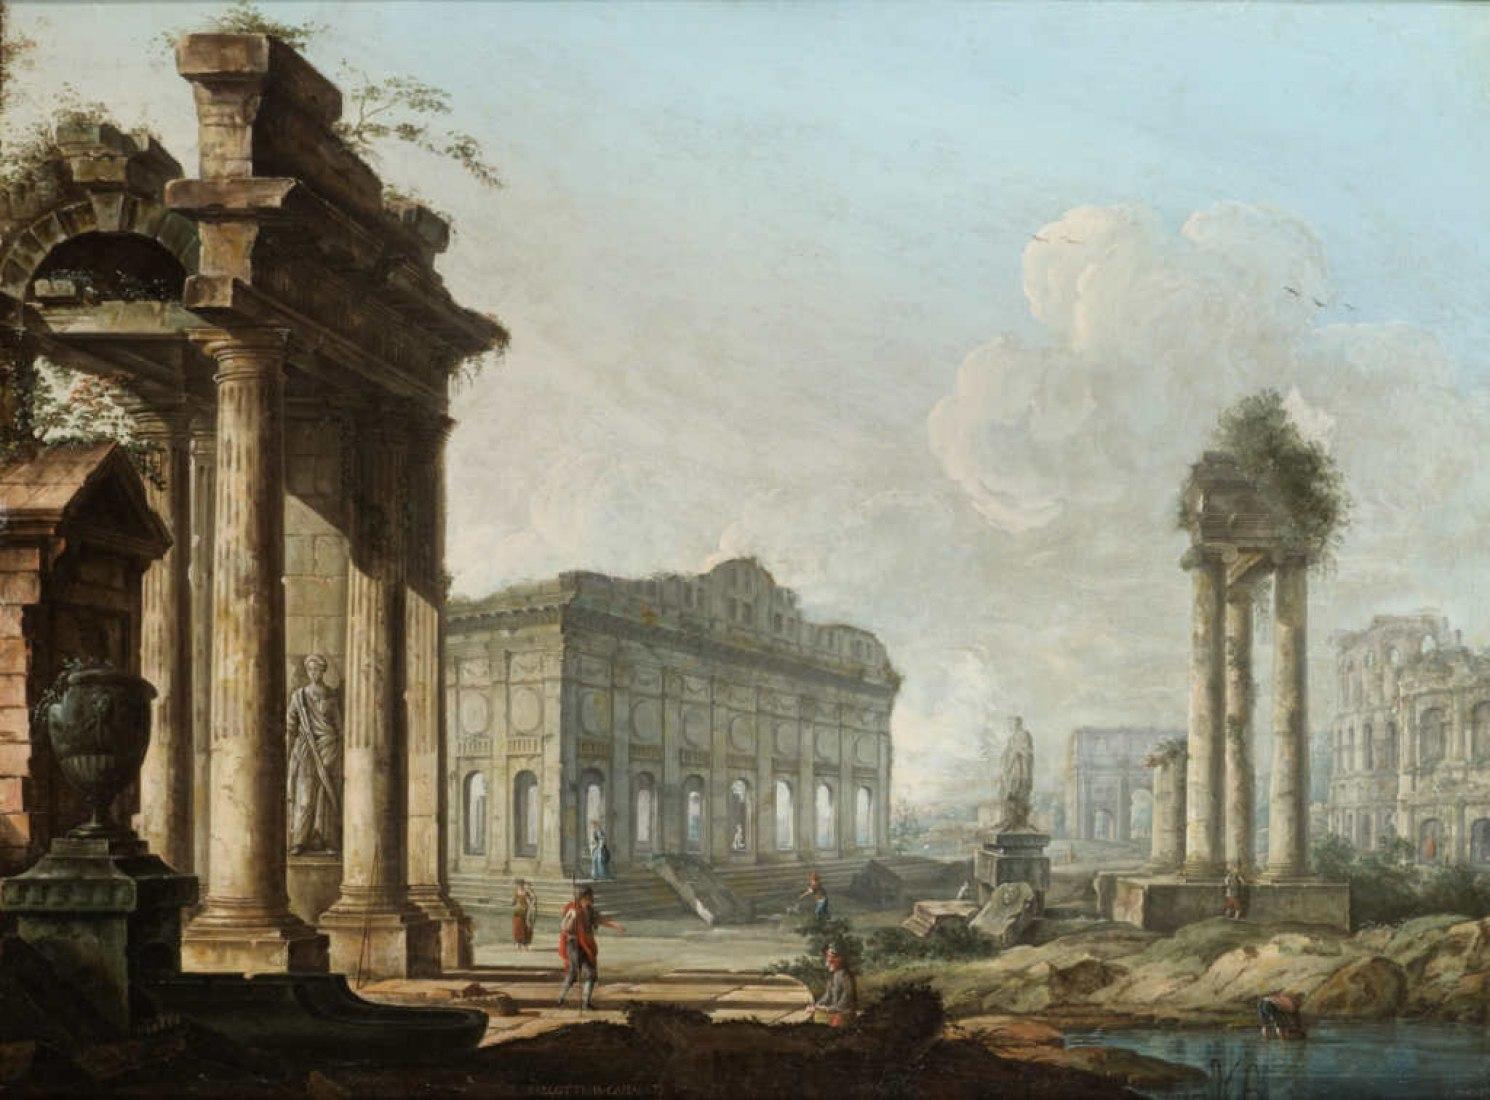 Pietro Bellotti, Capriccio Architecttonico. Archivos de Pinturas del Paisaje, Pietro Bellotti. Another Canaletto. Imagen cortesía de Ca' Rezzonico.